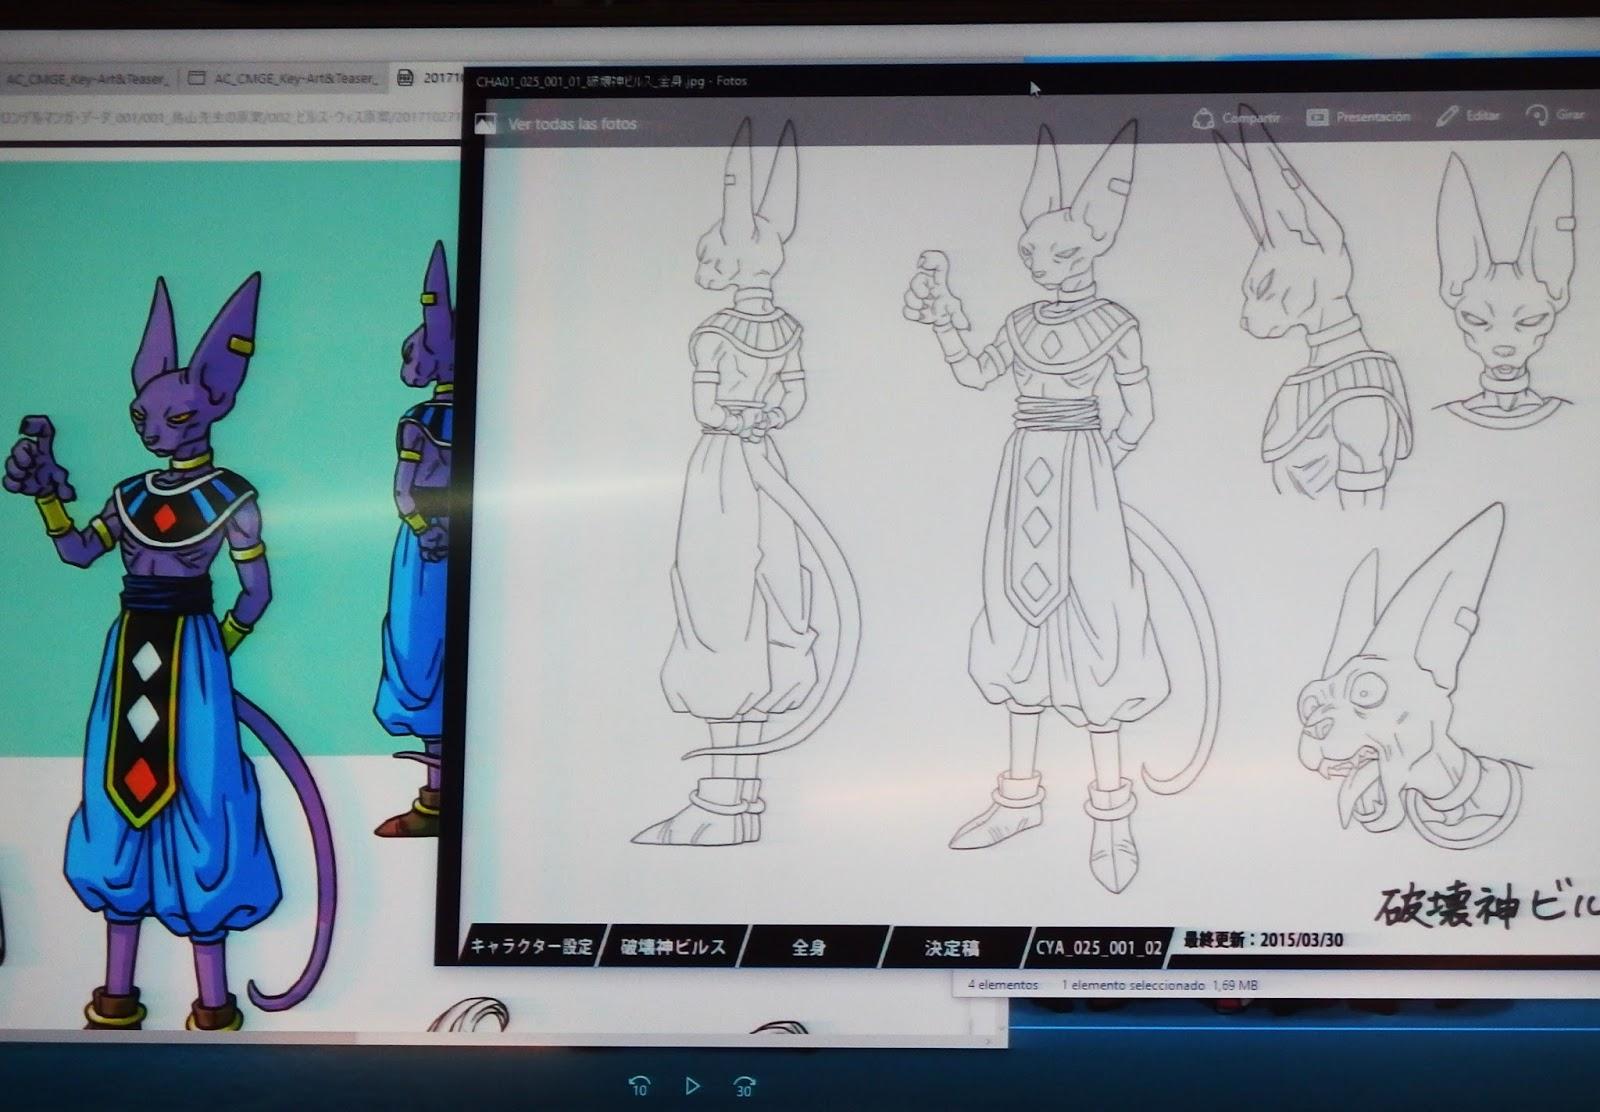 """Animaciones Porno Una Alienigena el proceso de creación de """"dragon ball super"""", explicado por"""